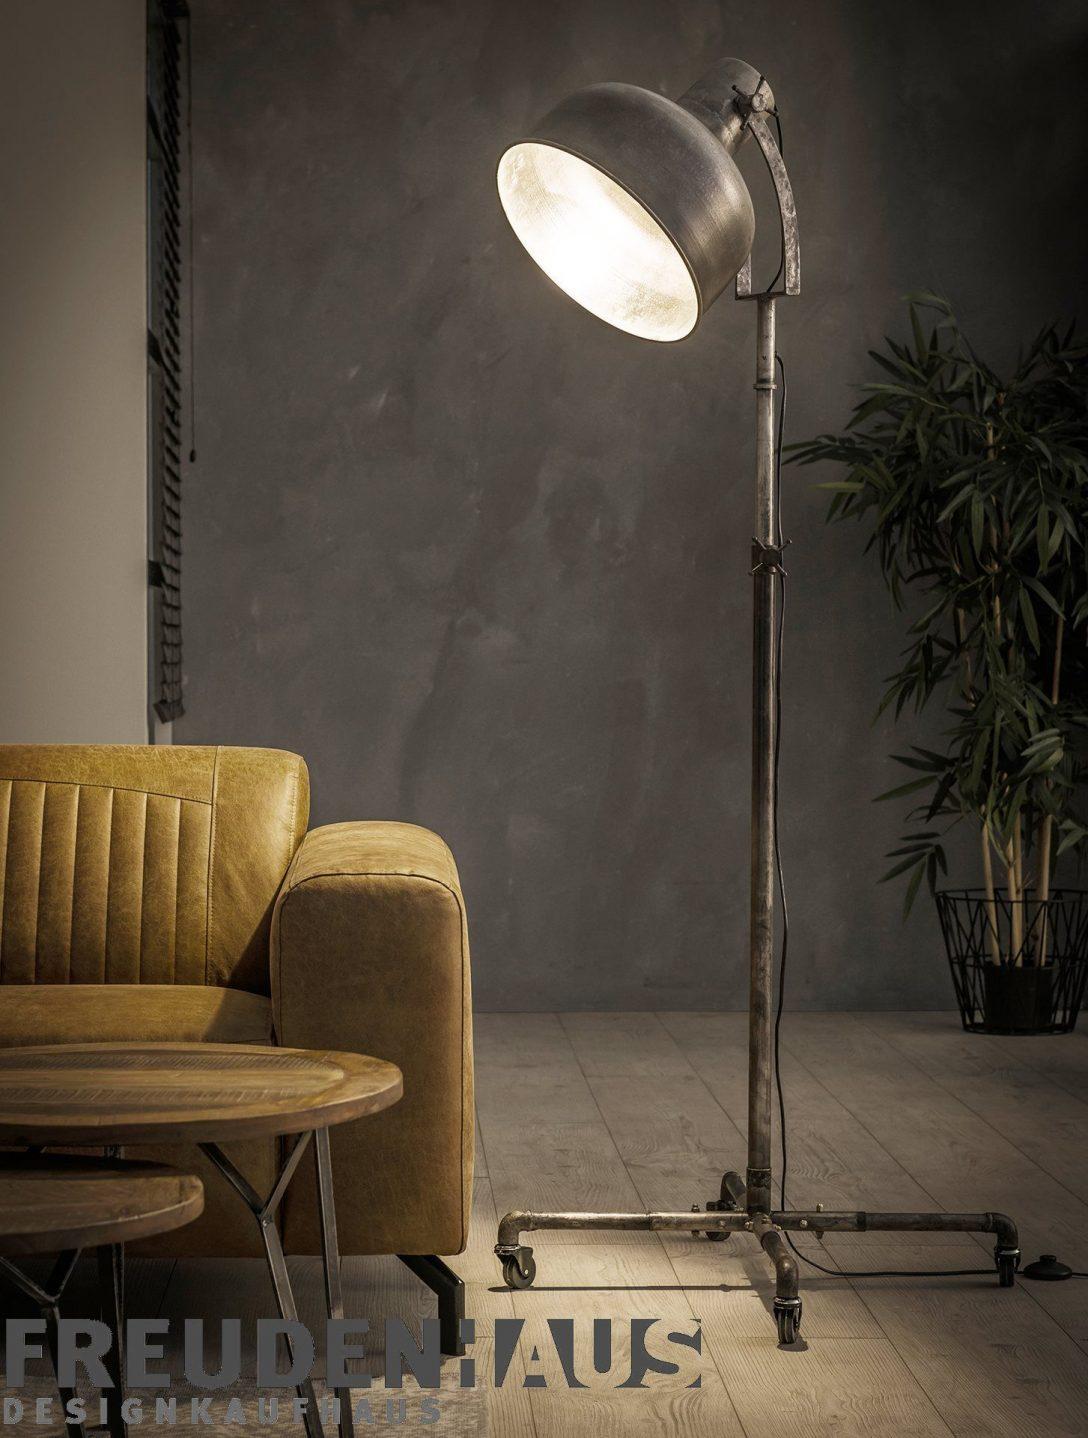 Large Size of Stehlampe Gotham Industrial Silber Auf Rdern In 2020 Ikea Küche Kosten Miniküche Modulküche Sofa Mit Schlaffunktion Kaufen Stehlampen Wohnzimmer Betten Bei Wohnzimmer Ikea Stehlampen